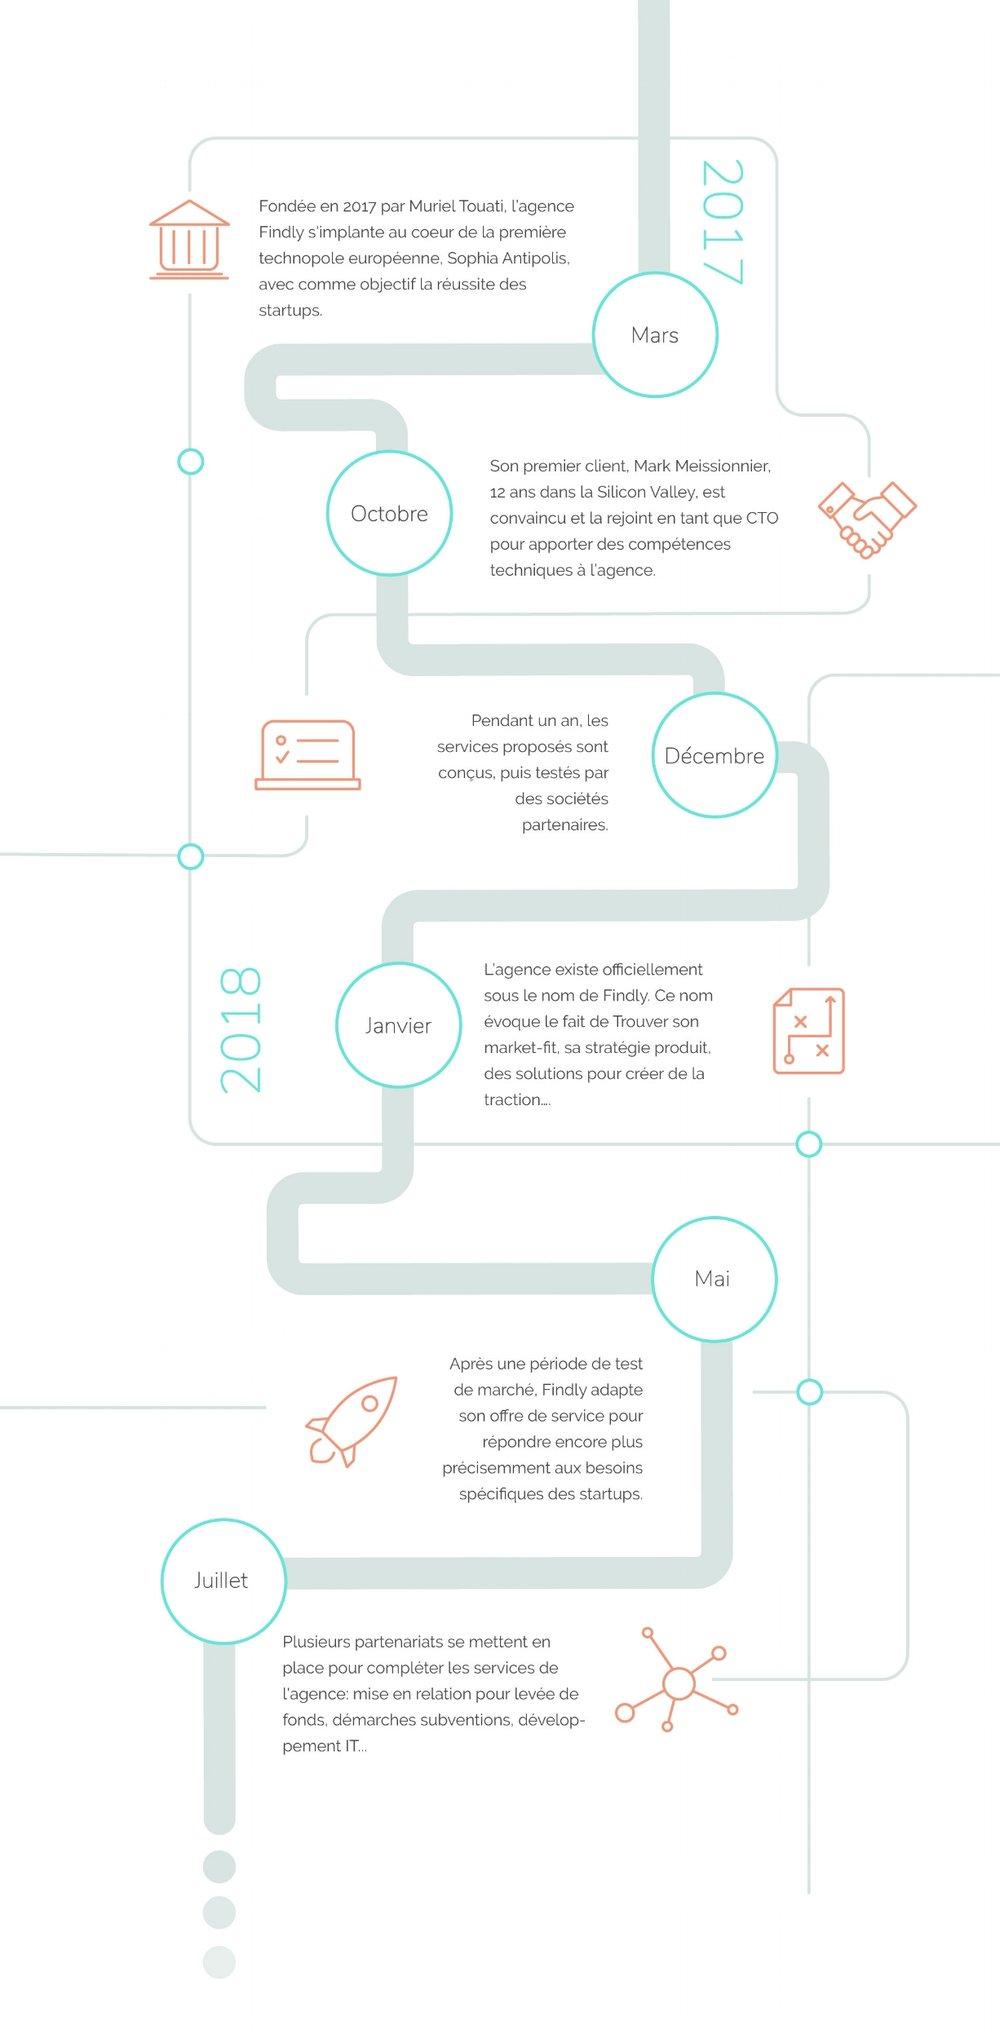 Histoire de l'agence Findly, inbound marketing et conseils pour startups, à Sophia Antipolis